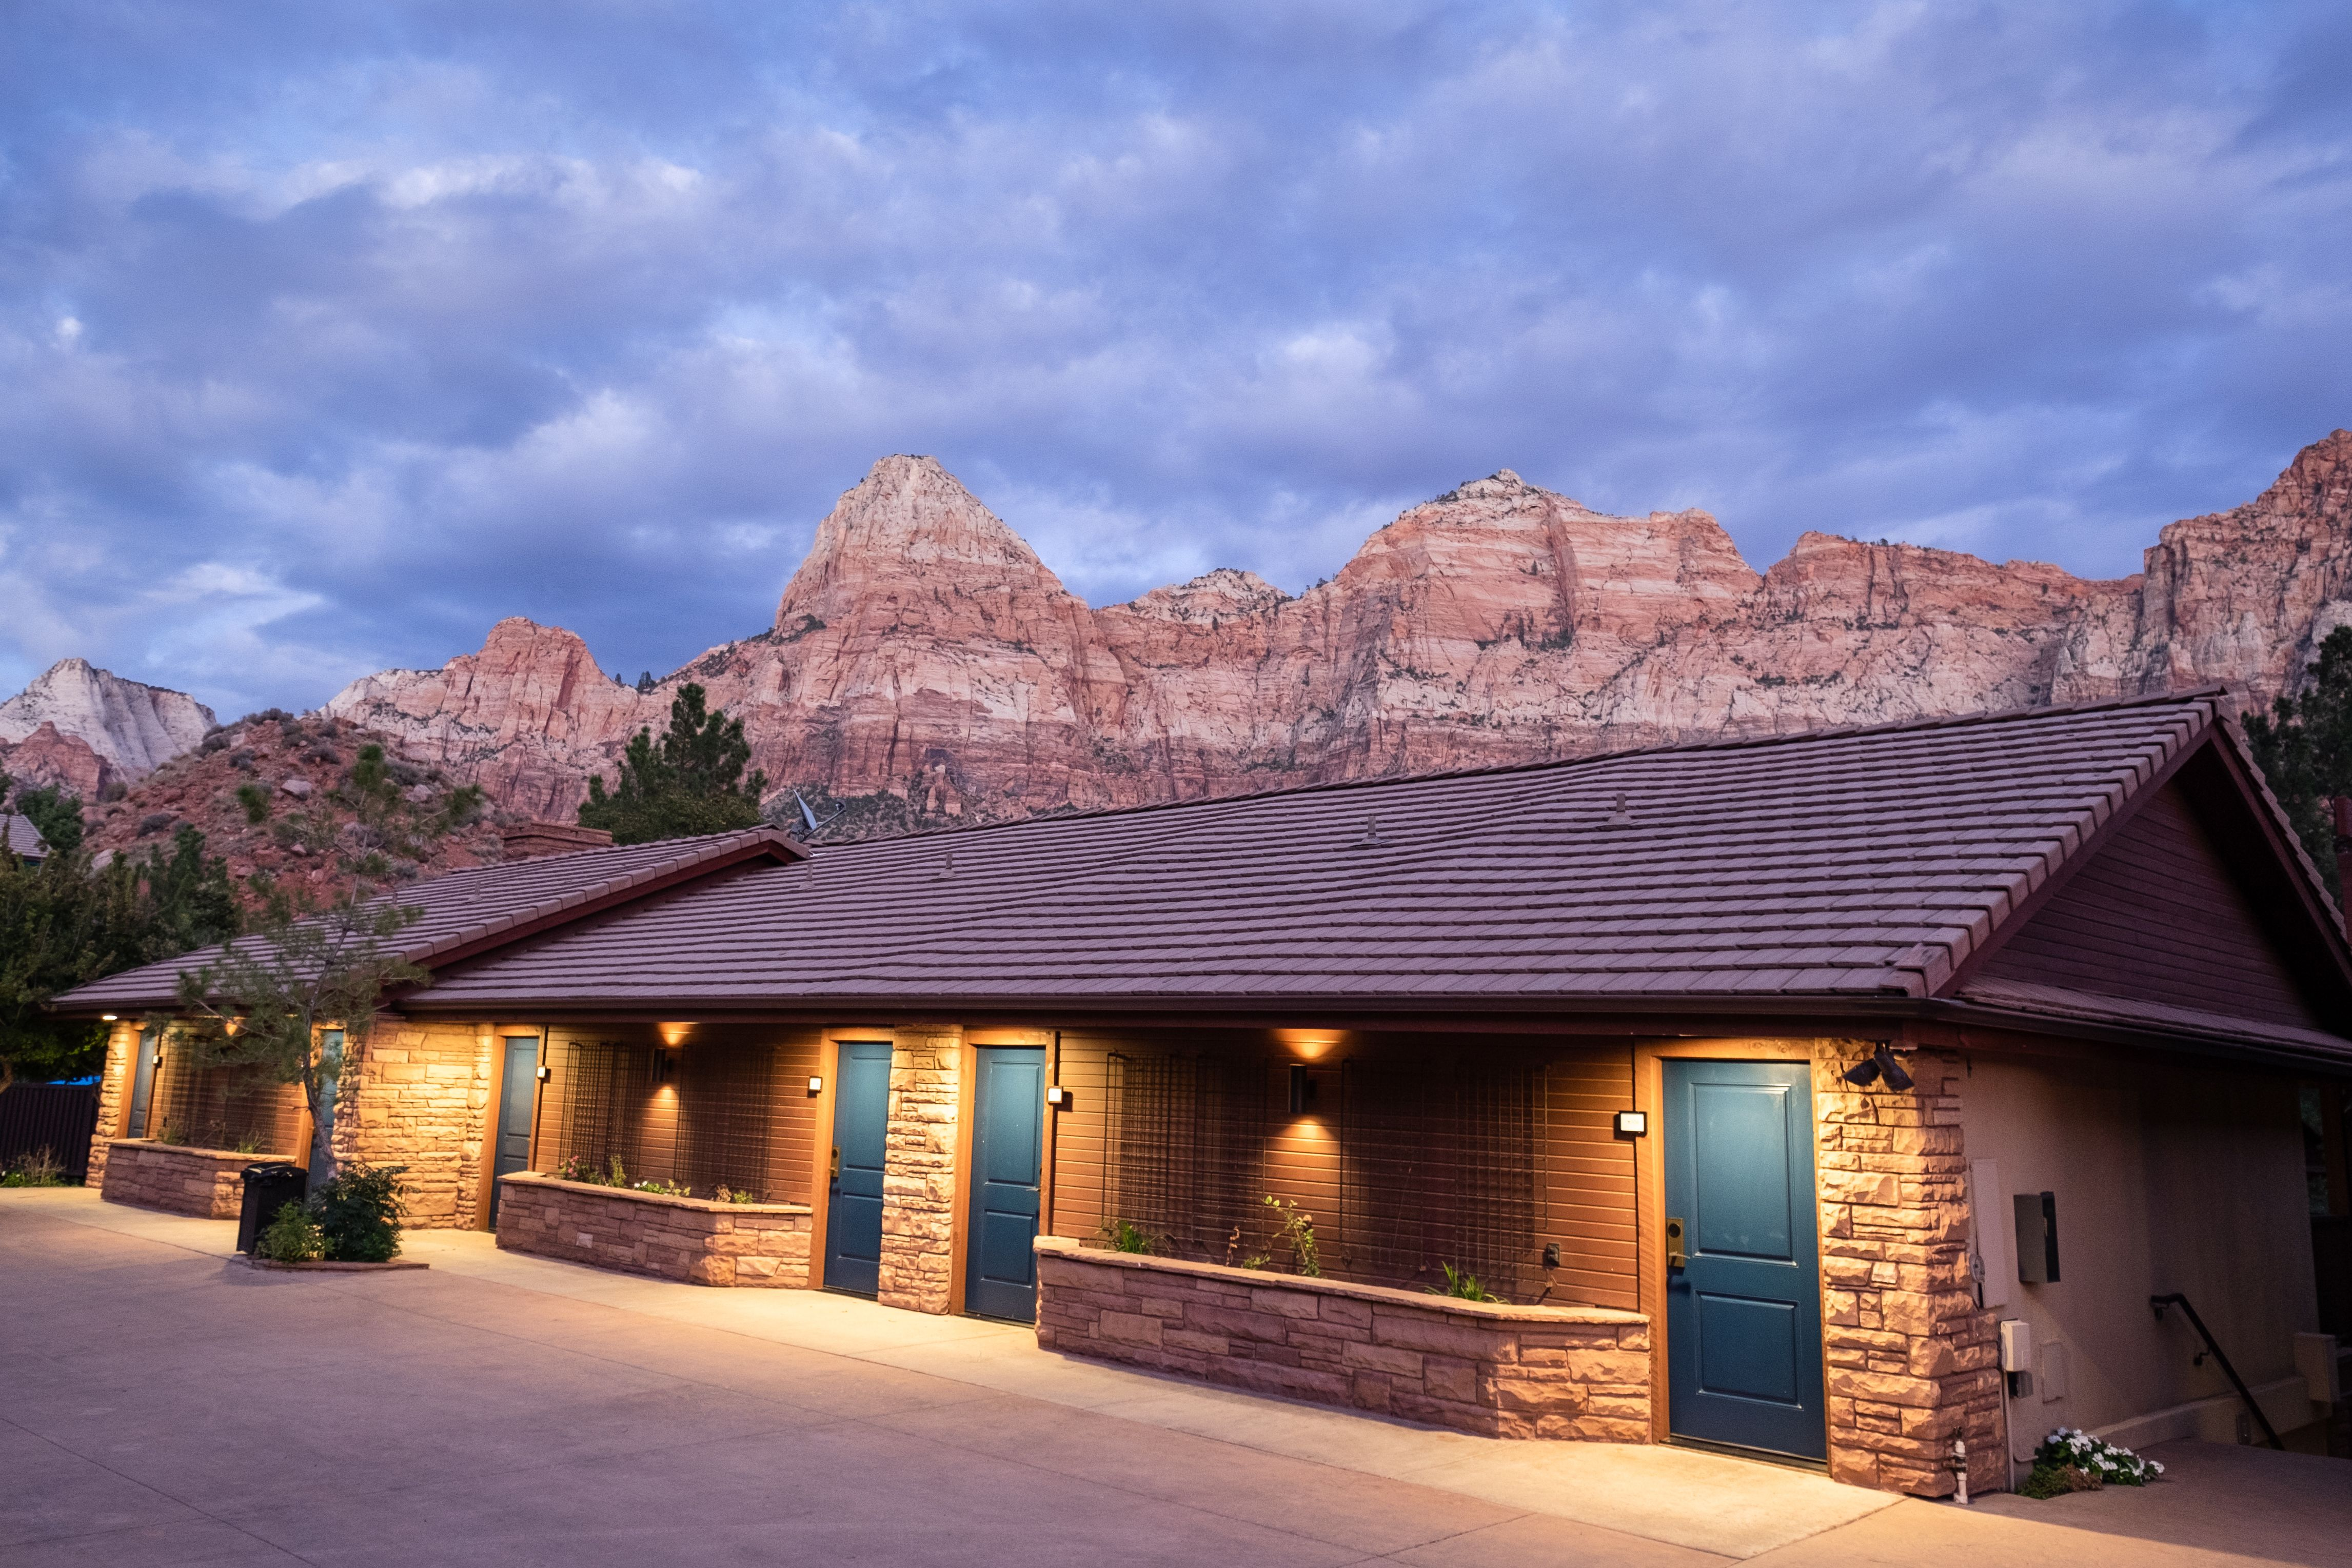 884925de6a34f2ee6540327665632214 - Cliffrose Lodge & Gardens At Zion Natl Park